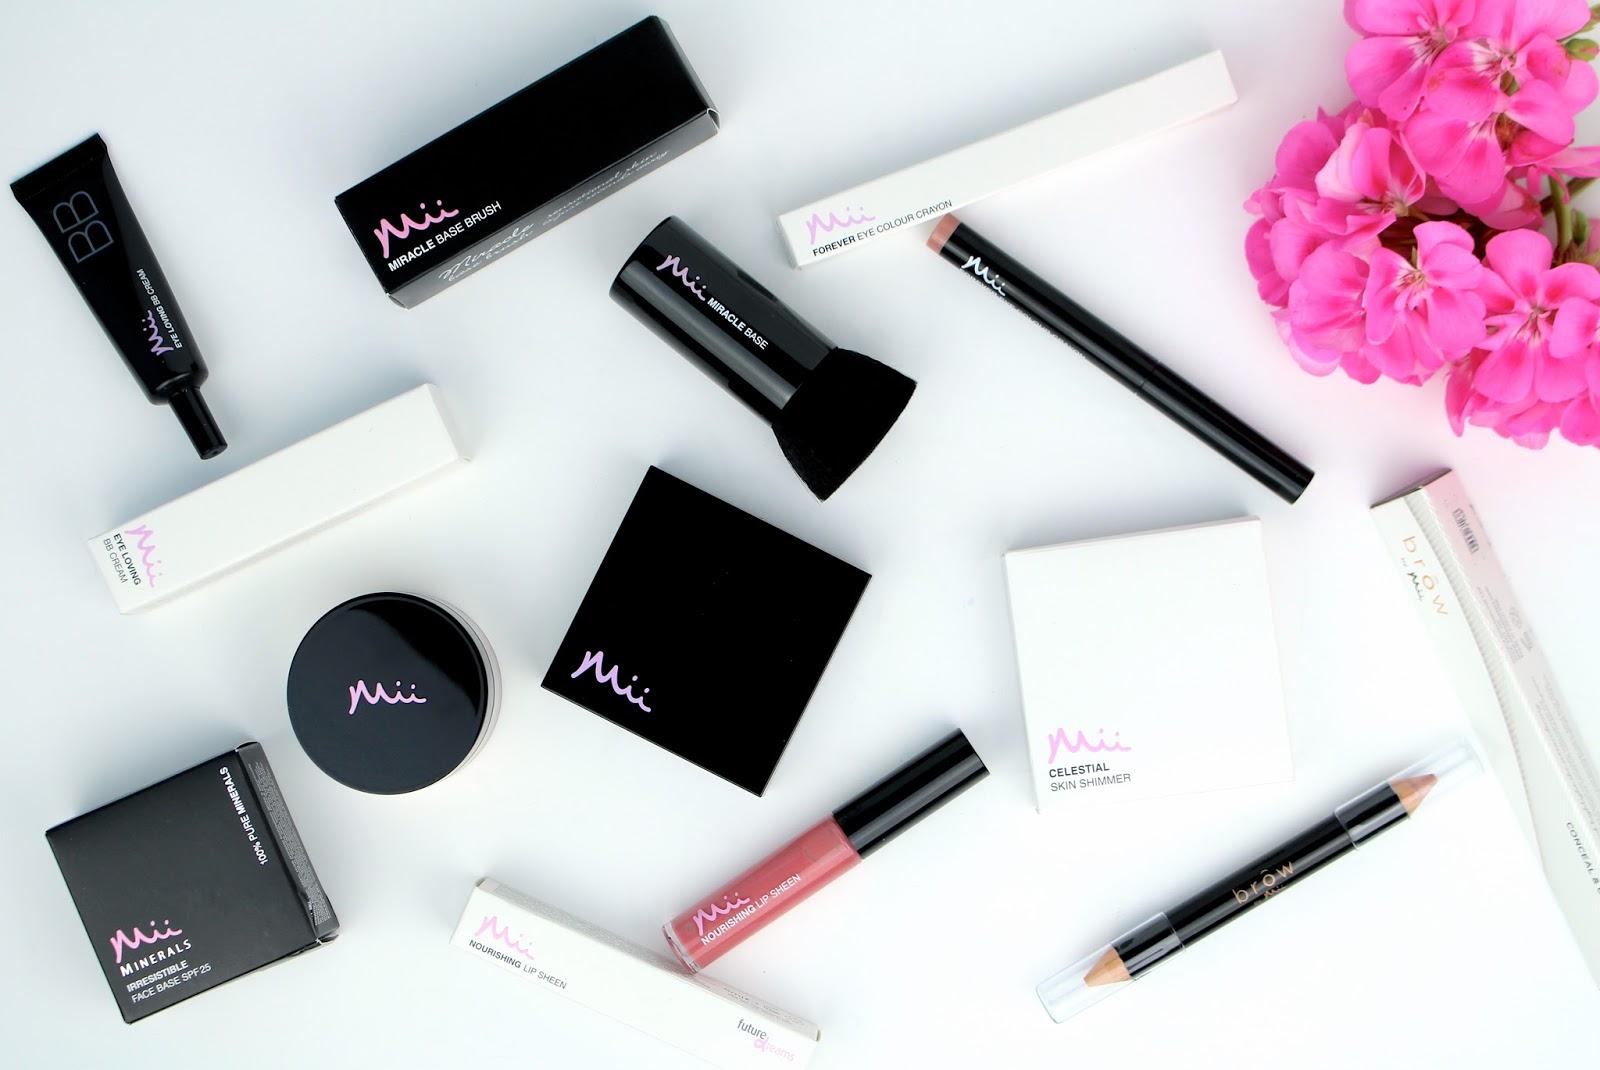 Mii Cosmetics beauty blogger flatlay